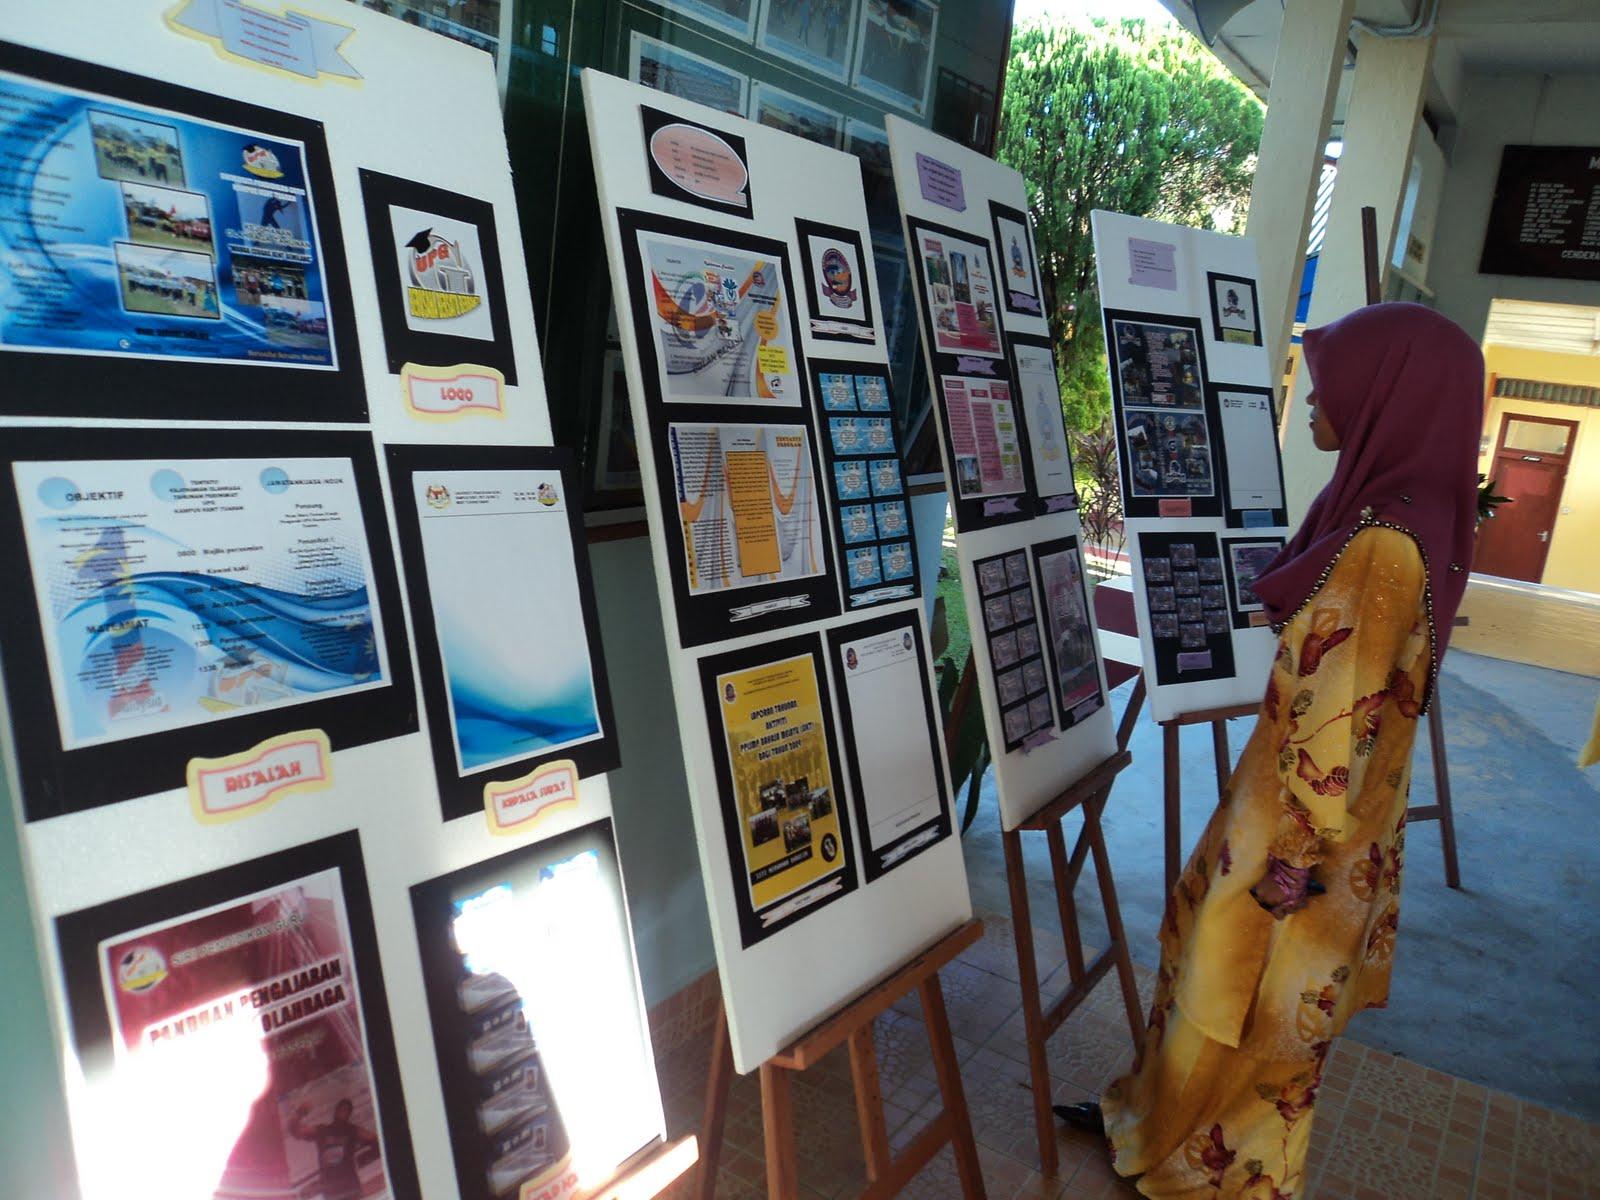 Pada 5 Mei 2011, berlangsungnya pameran Pendidikan Seni Visual yang